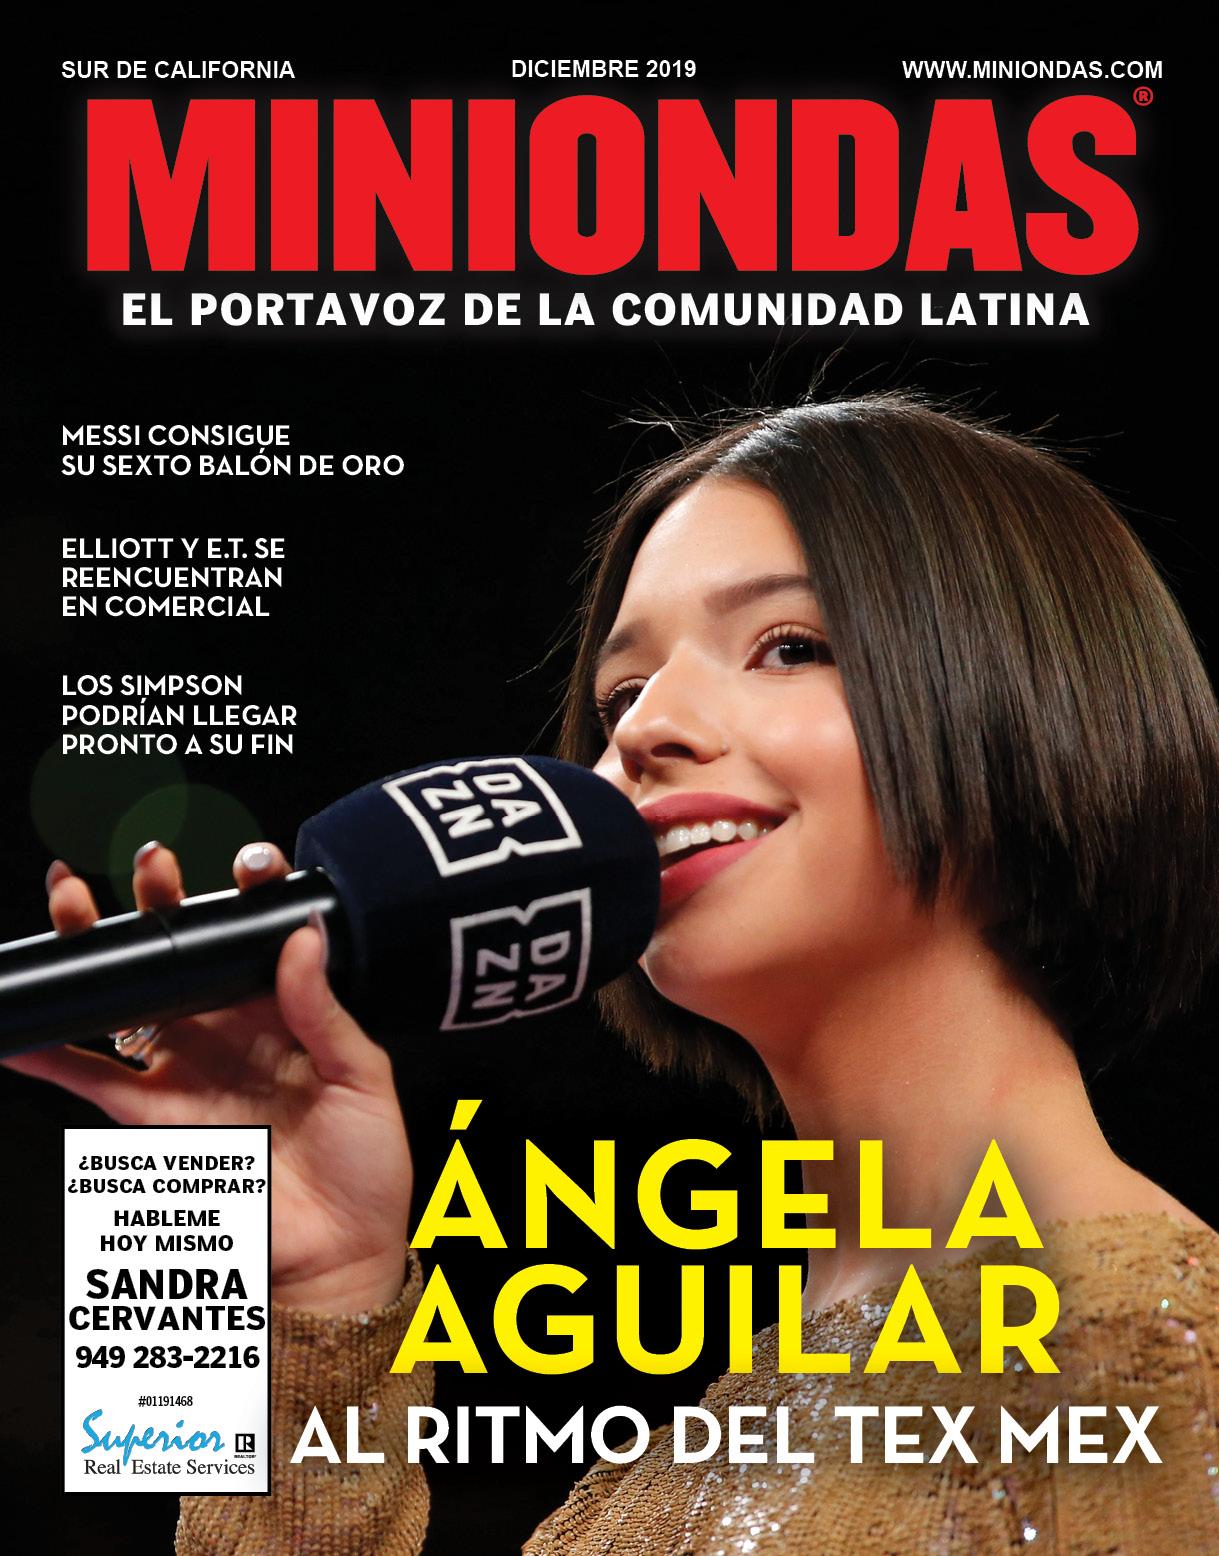 Miniondas Newspaper Edición Diciembre 2019